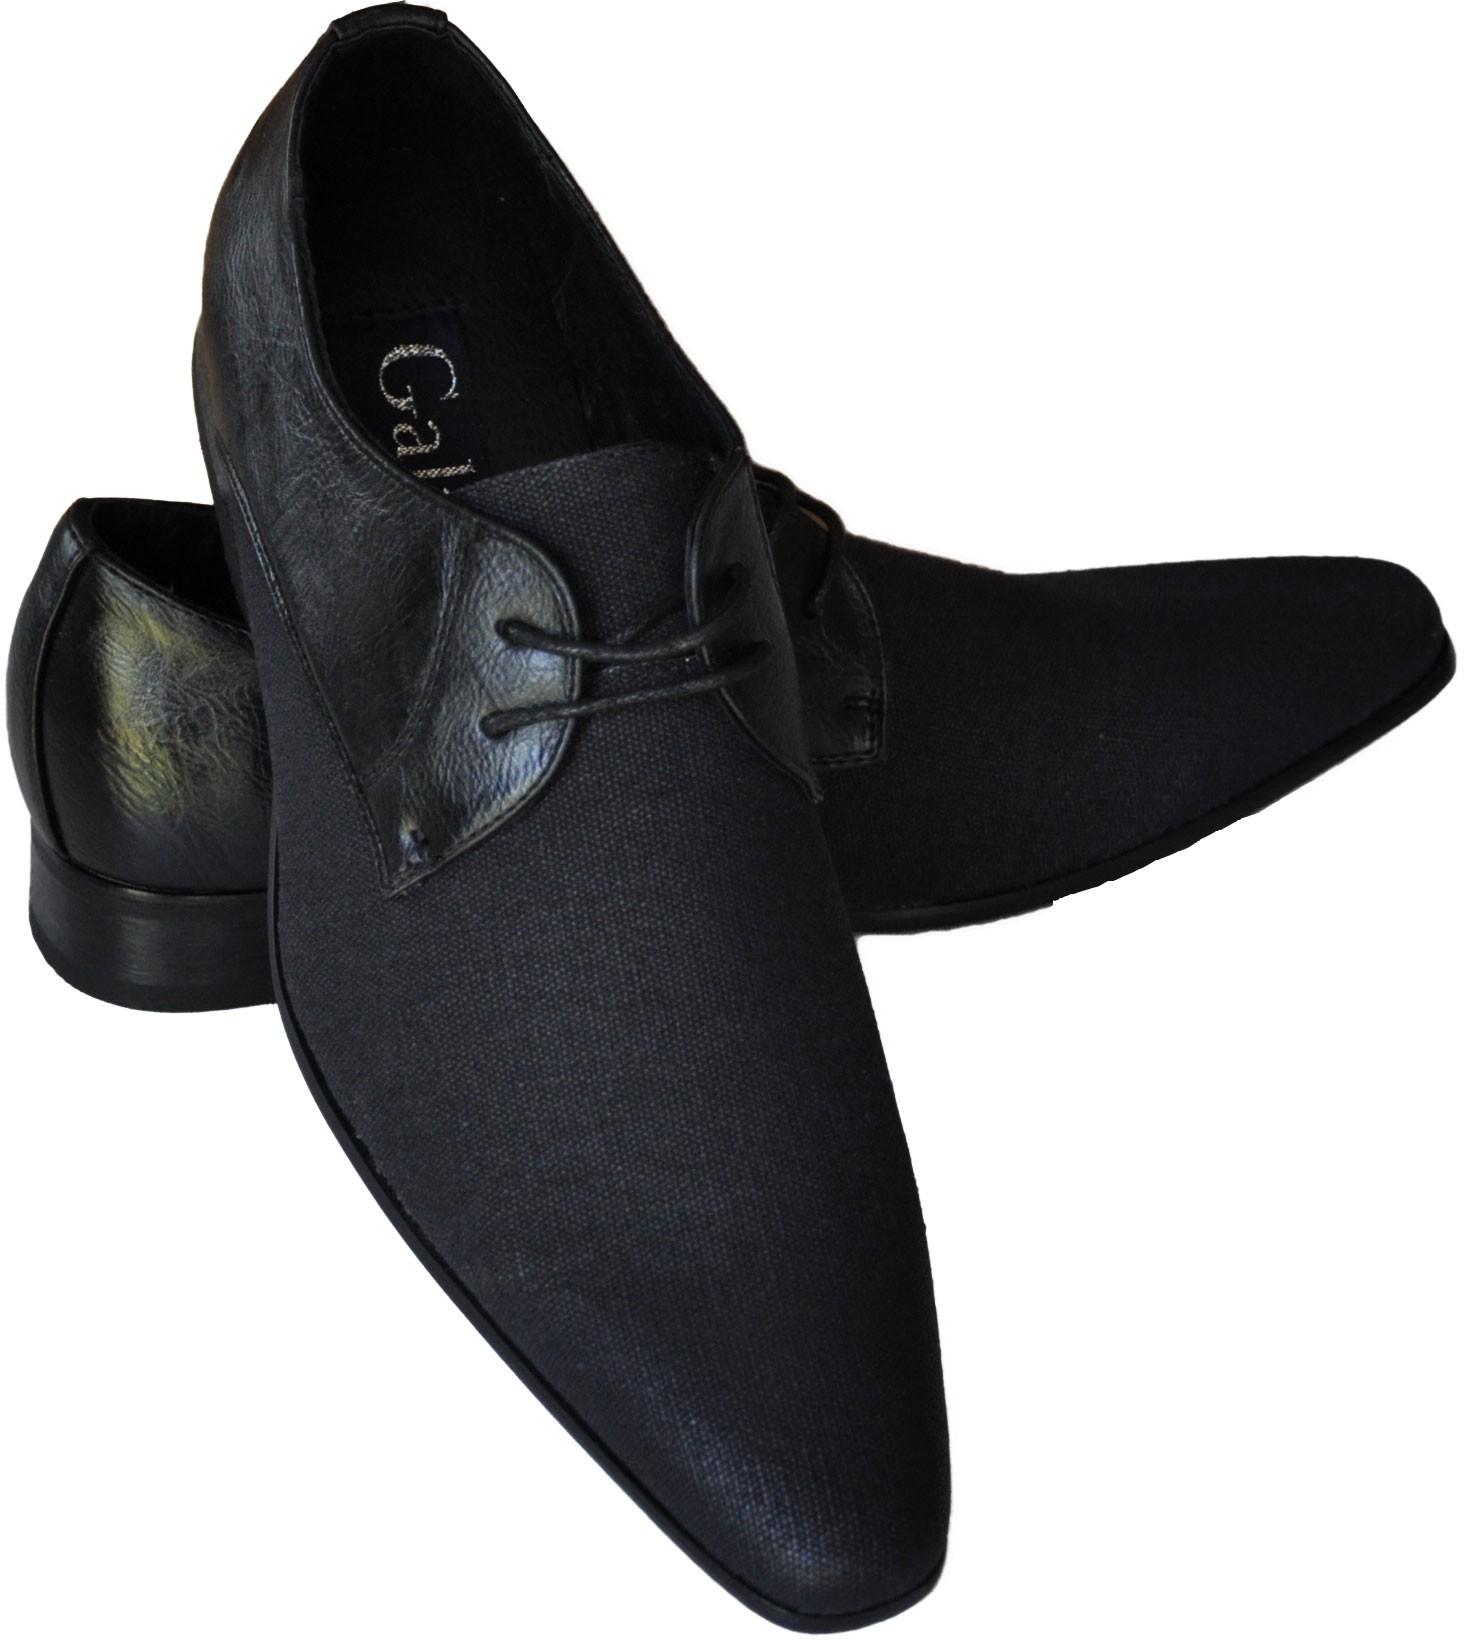 chaussure de ville noir garcon chaussure de ville ado chaussure de ville garcon marron. Black Bedroom Furniture Sets. Home Design Ideas